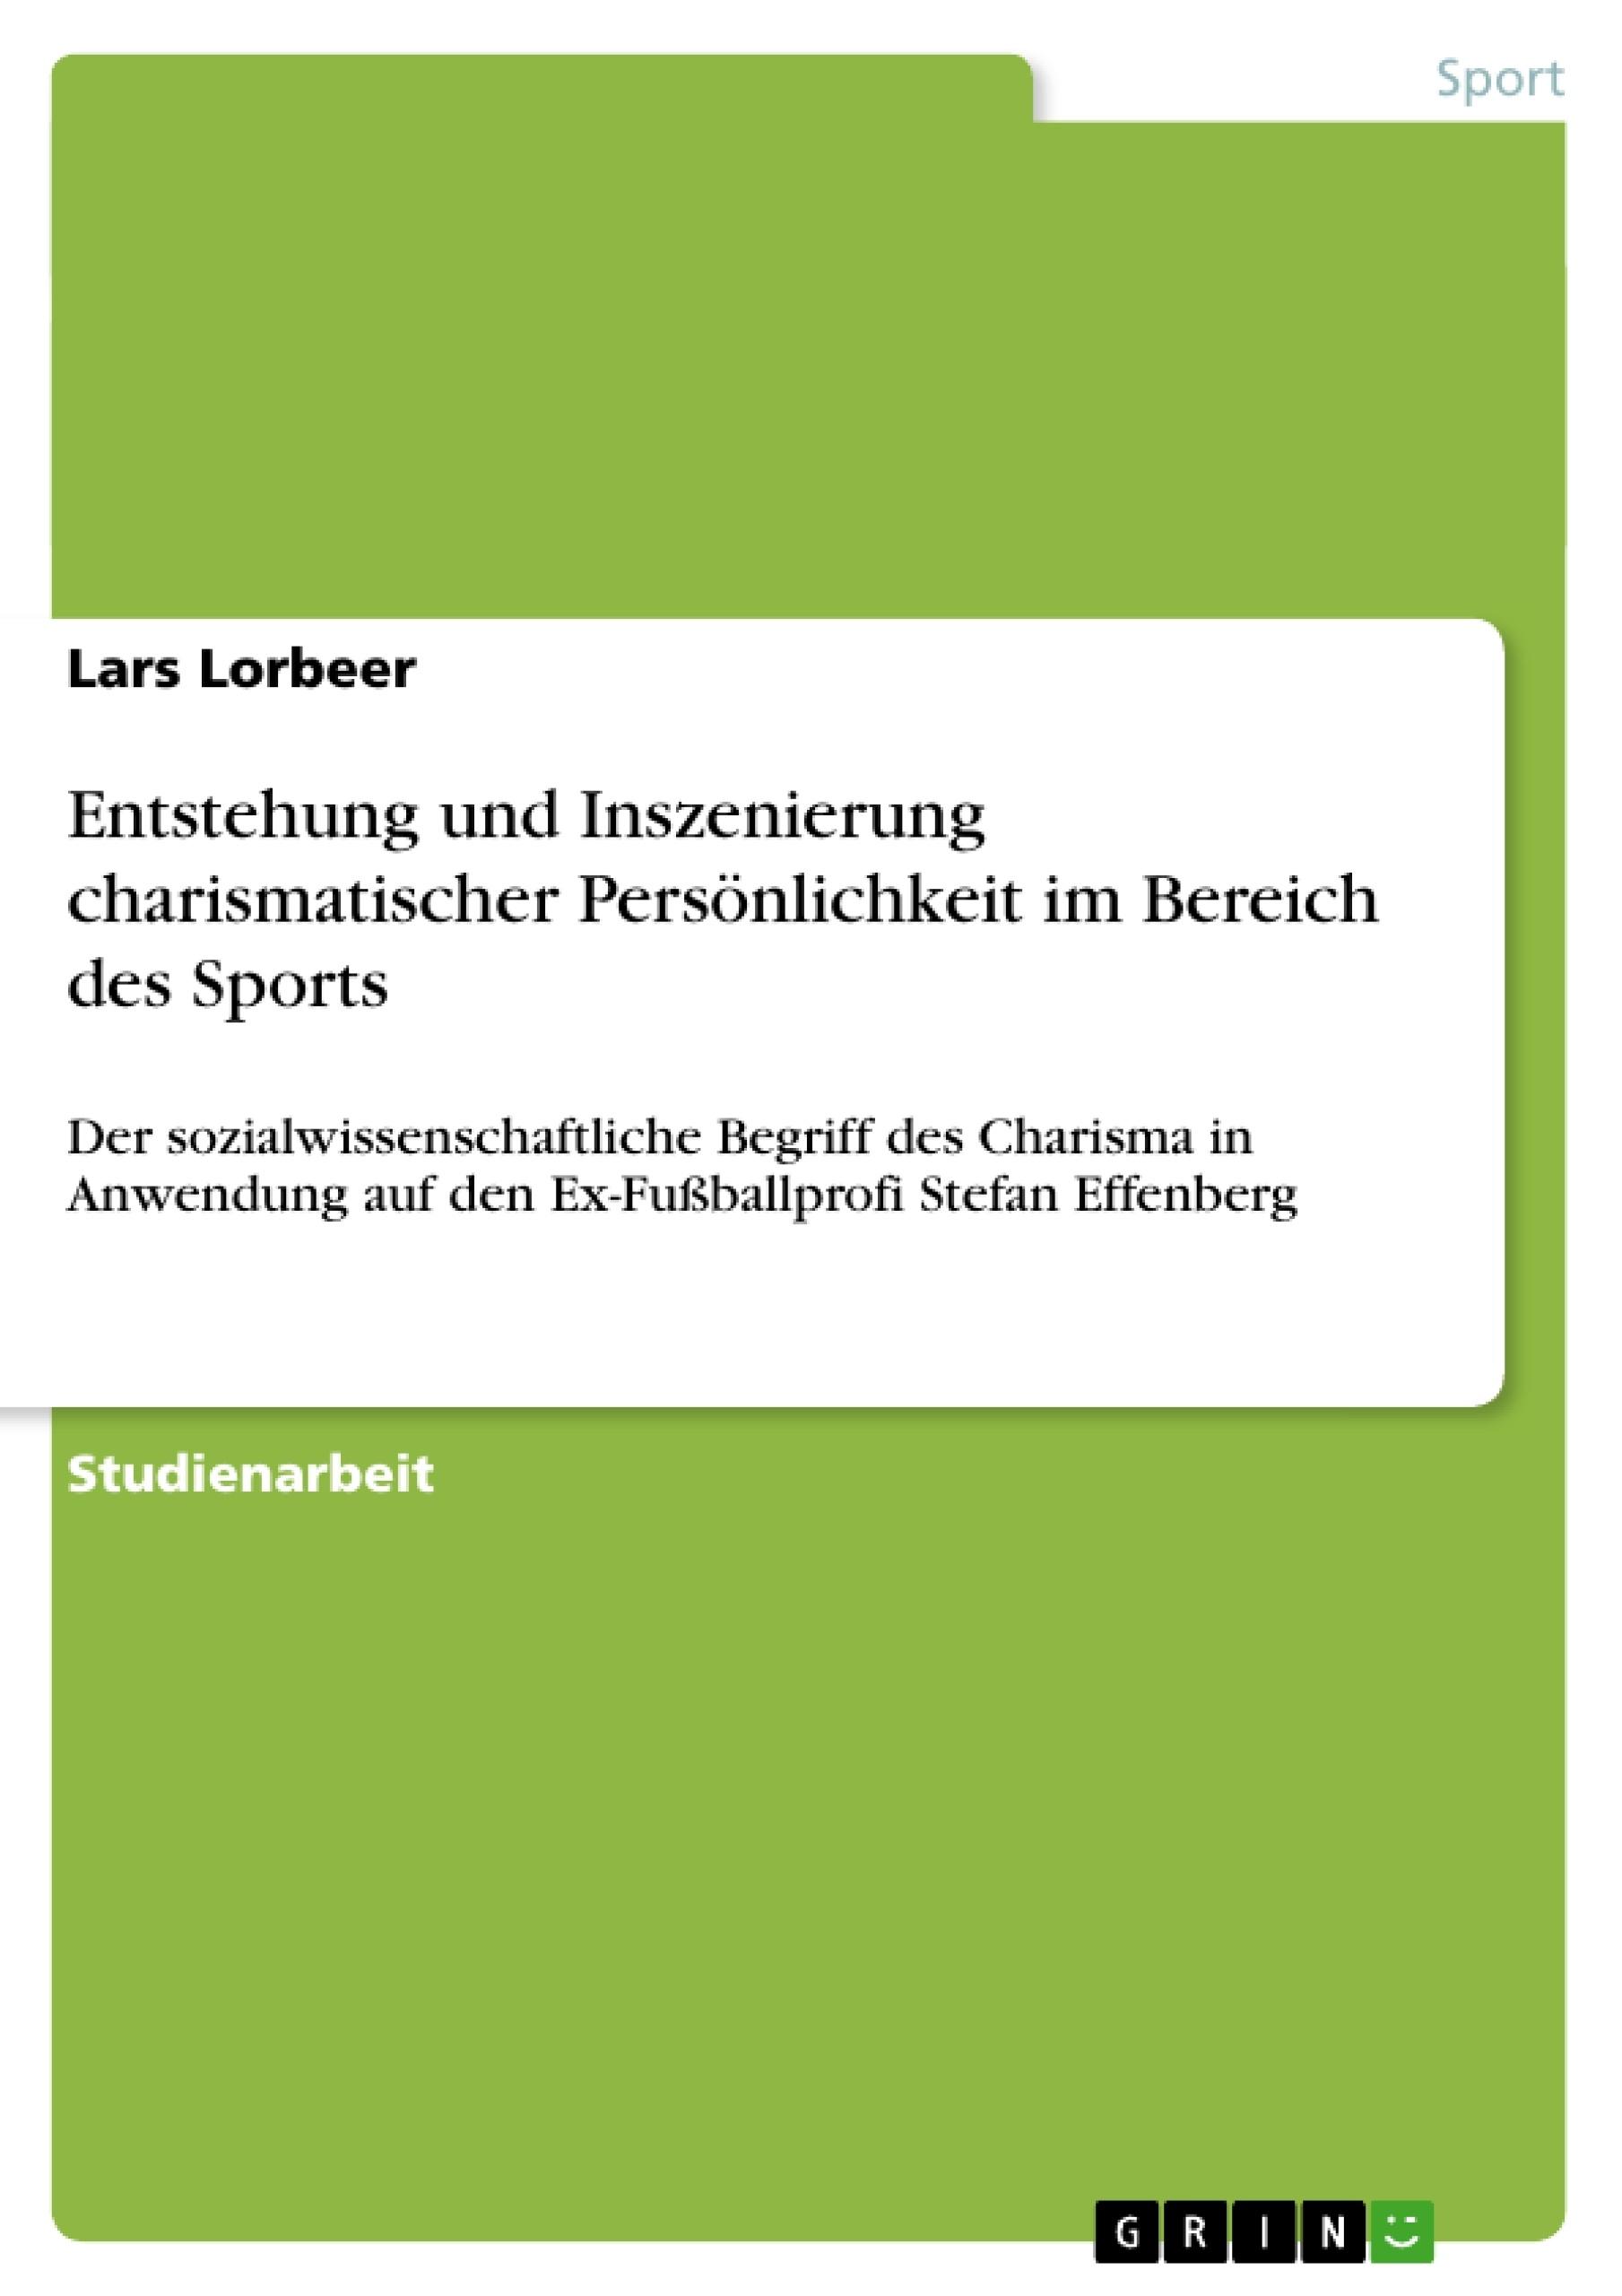 Titel: Entstehung und Inszenierung charismatischer Persönlichkeit im Bereich des Sports